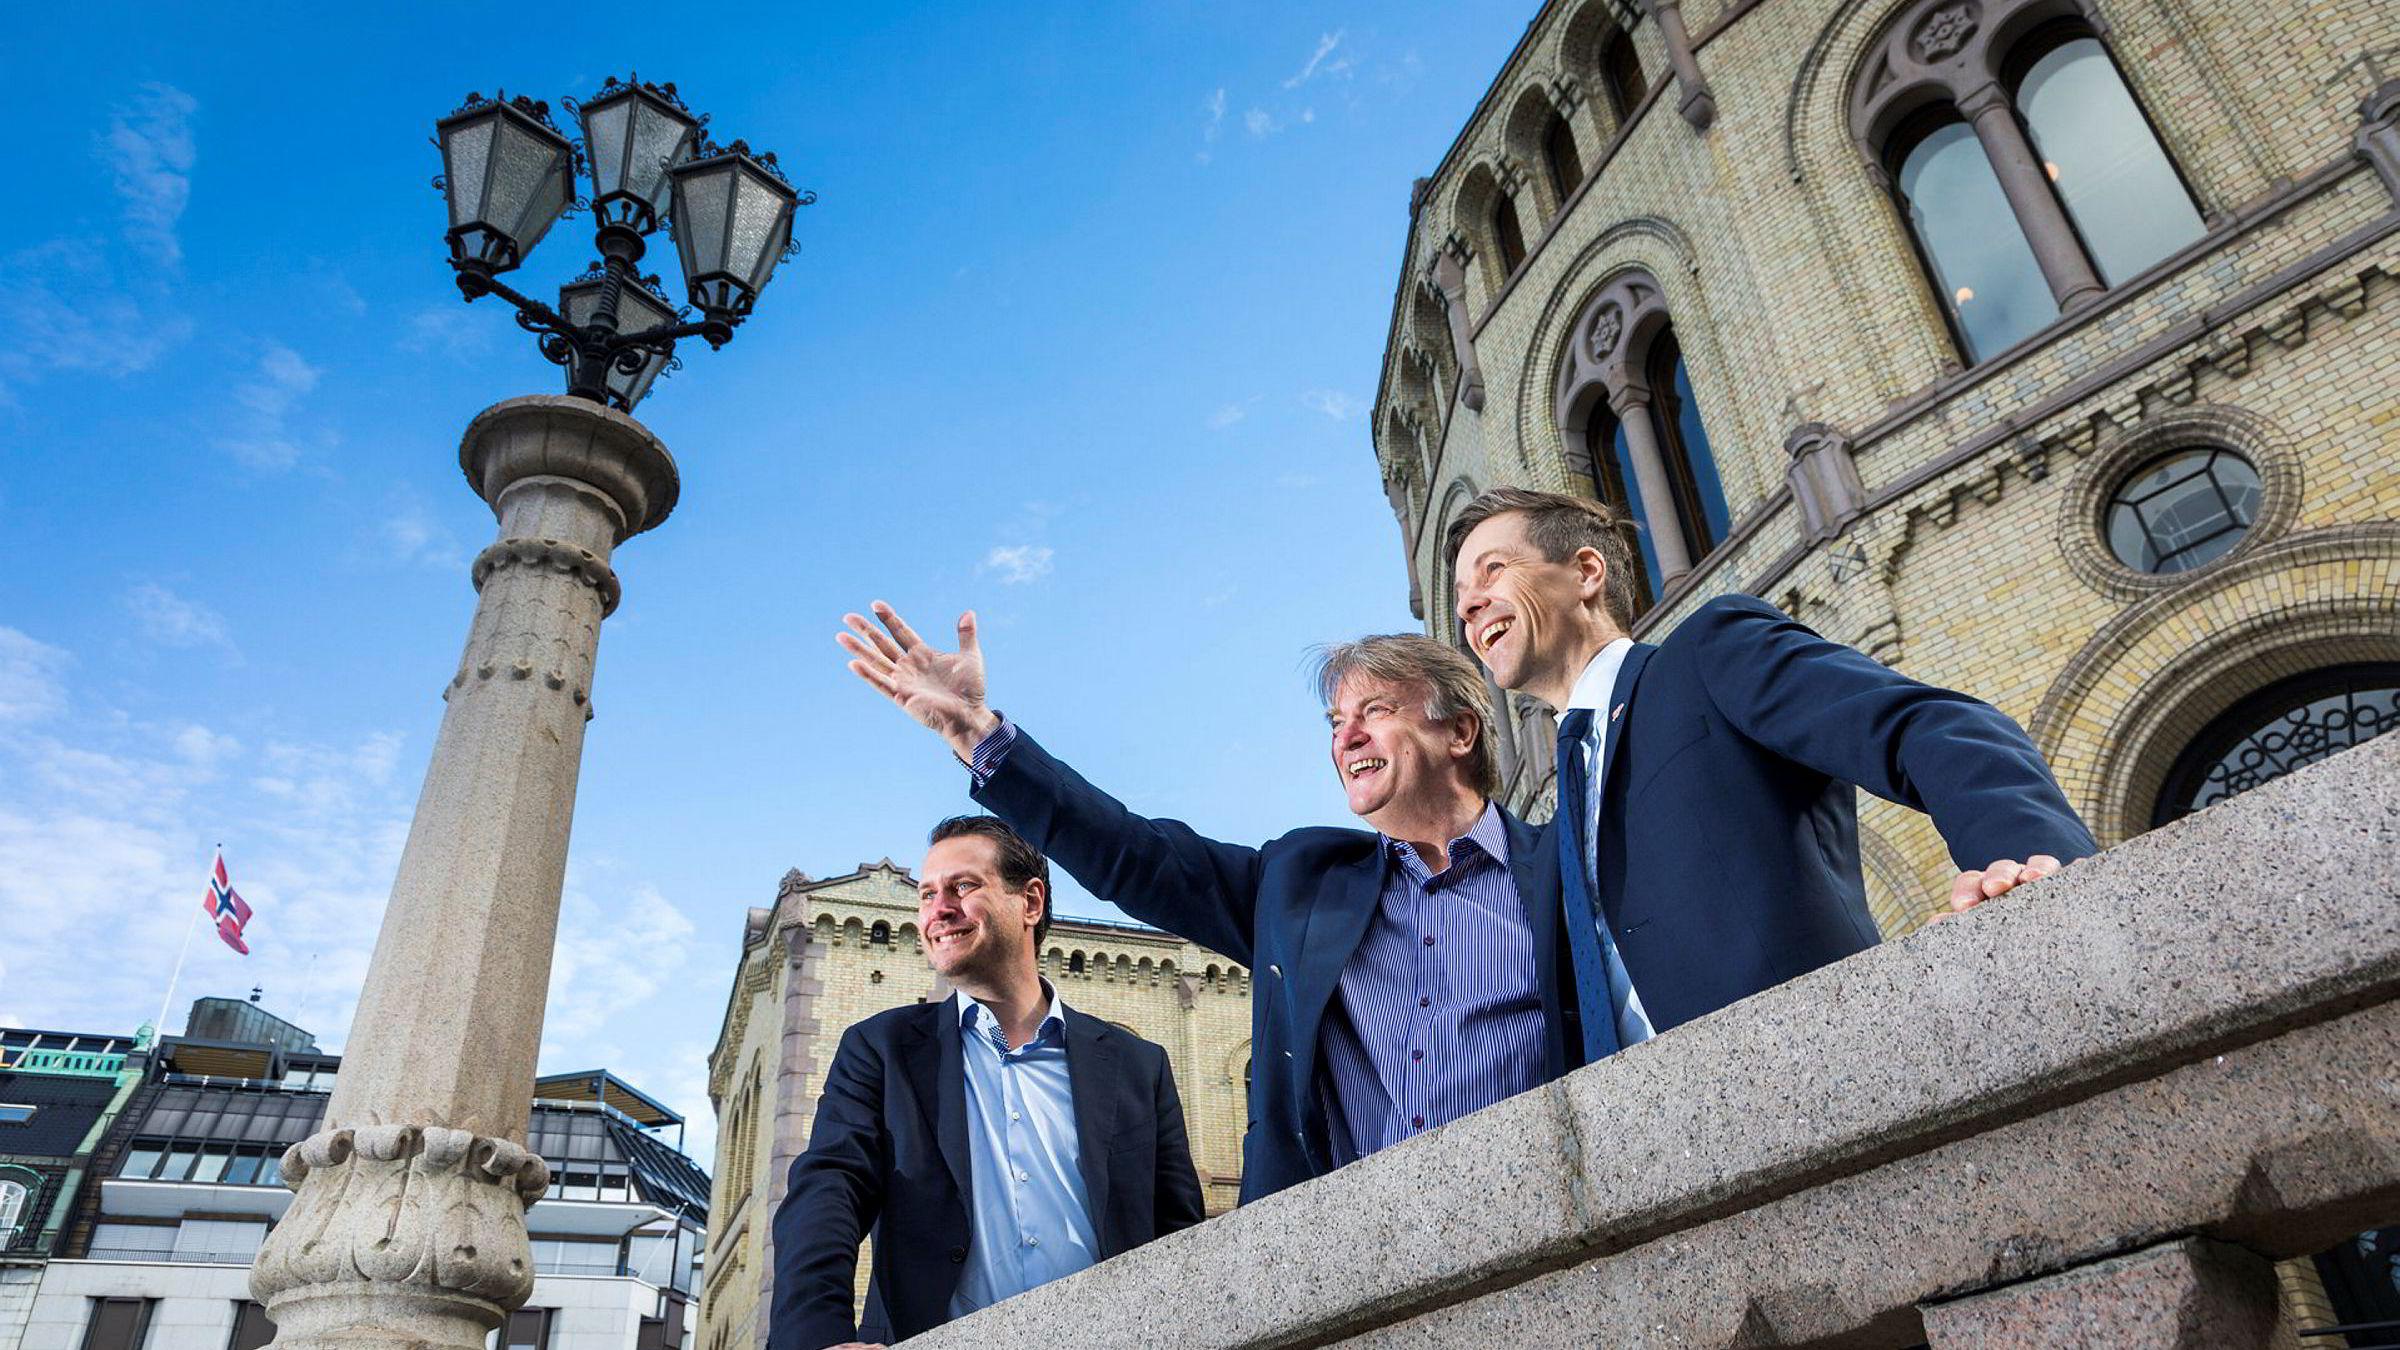 Nå må TV 2 få avtalen sin, mener Hordalands-politikerne Helge André Njåstad (FrP, til venstre), Ove Trellevik (H) og Knut Arild Hareide (KrF) – og ser med lengsel mot vest.